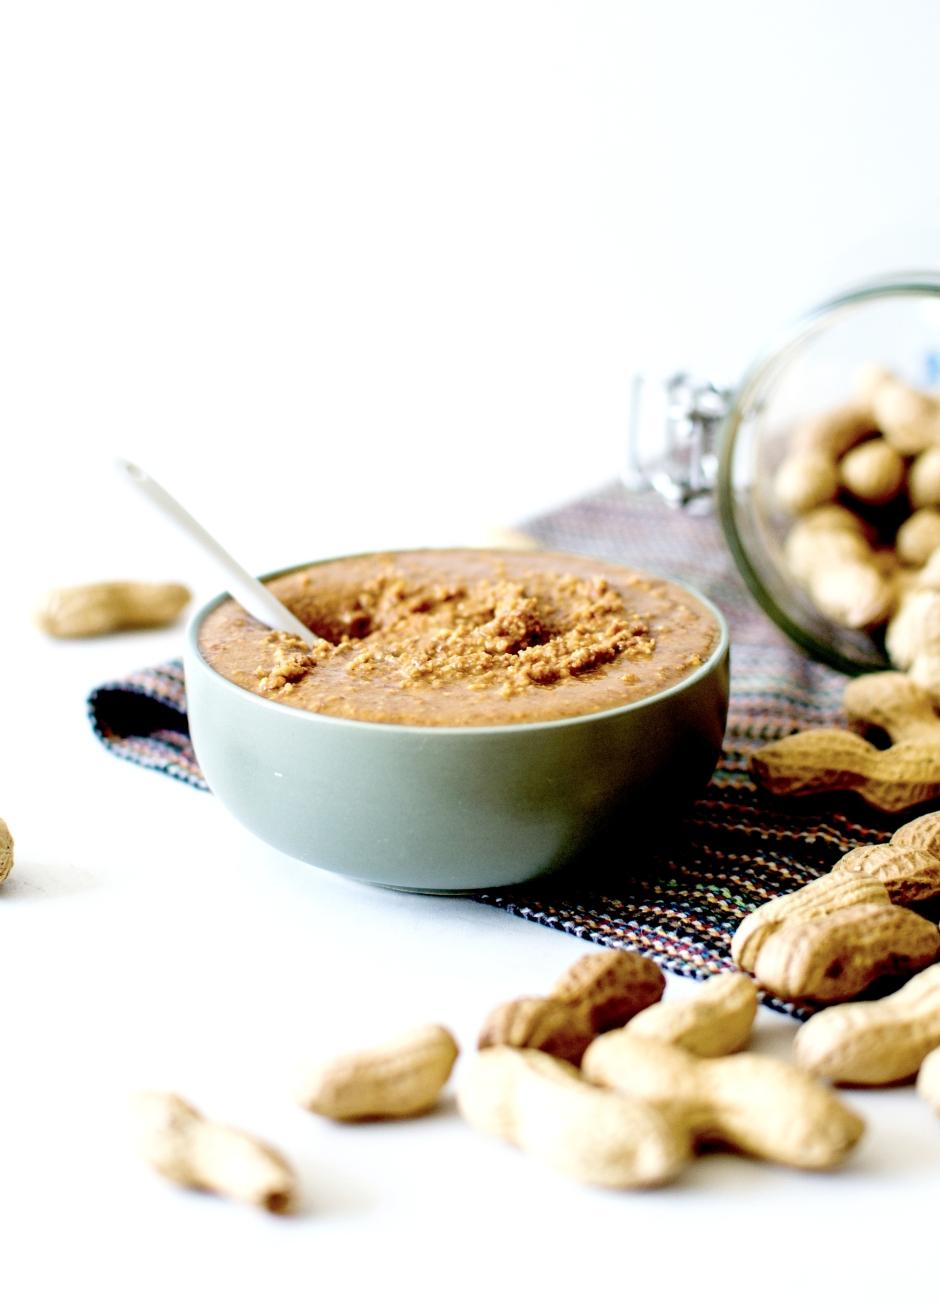 beurre de cacahuète recette maison 7